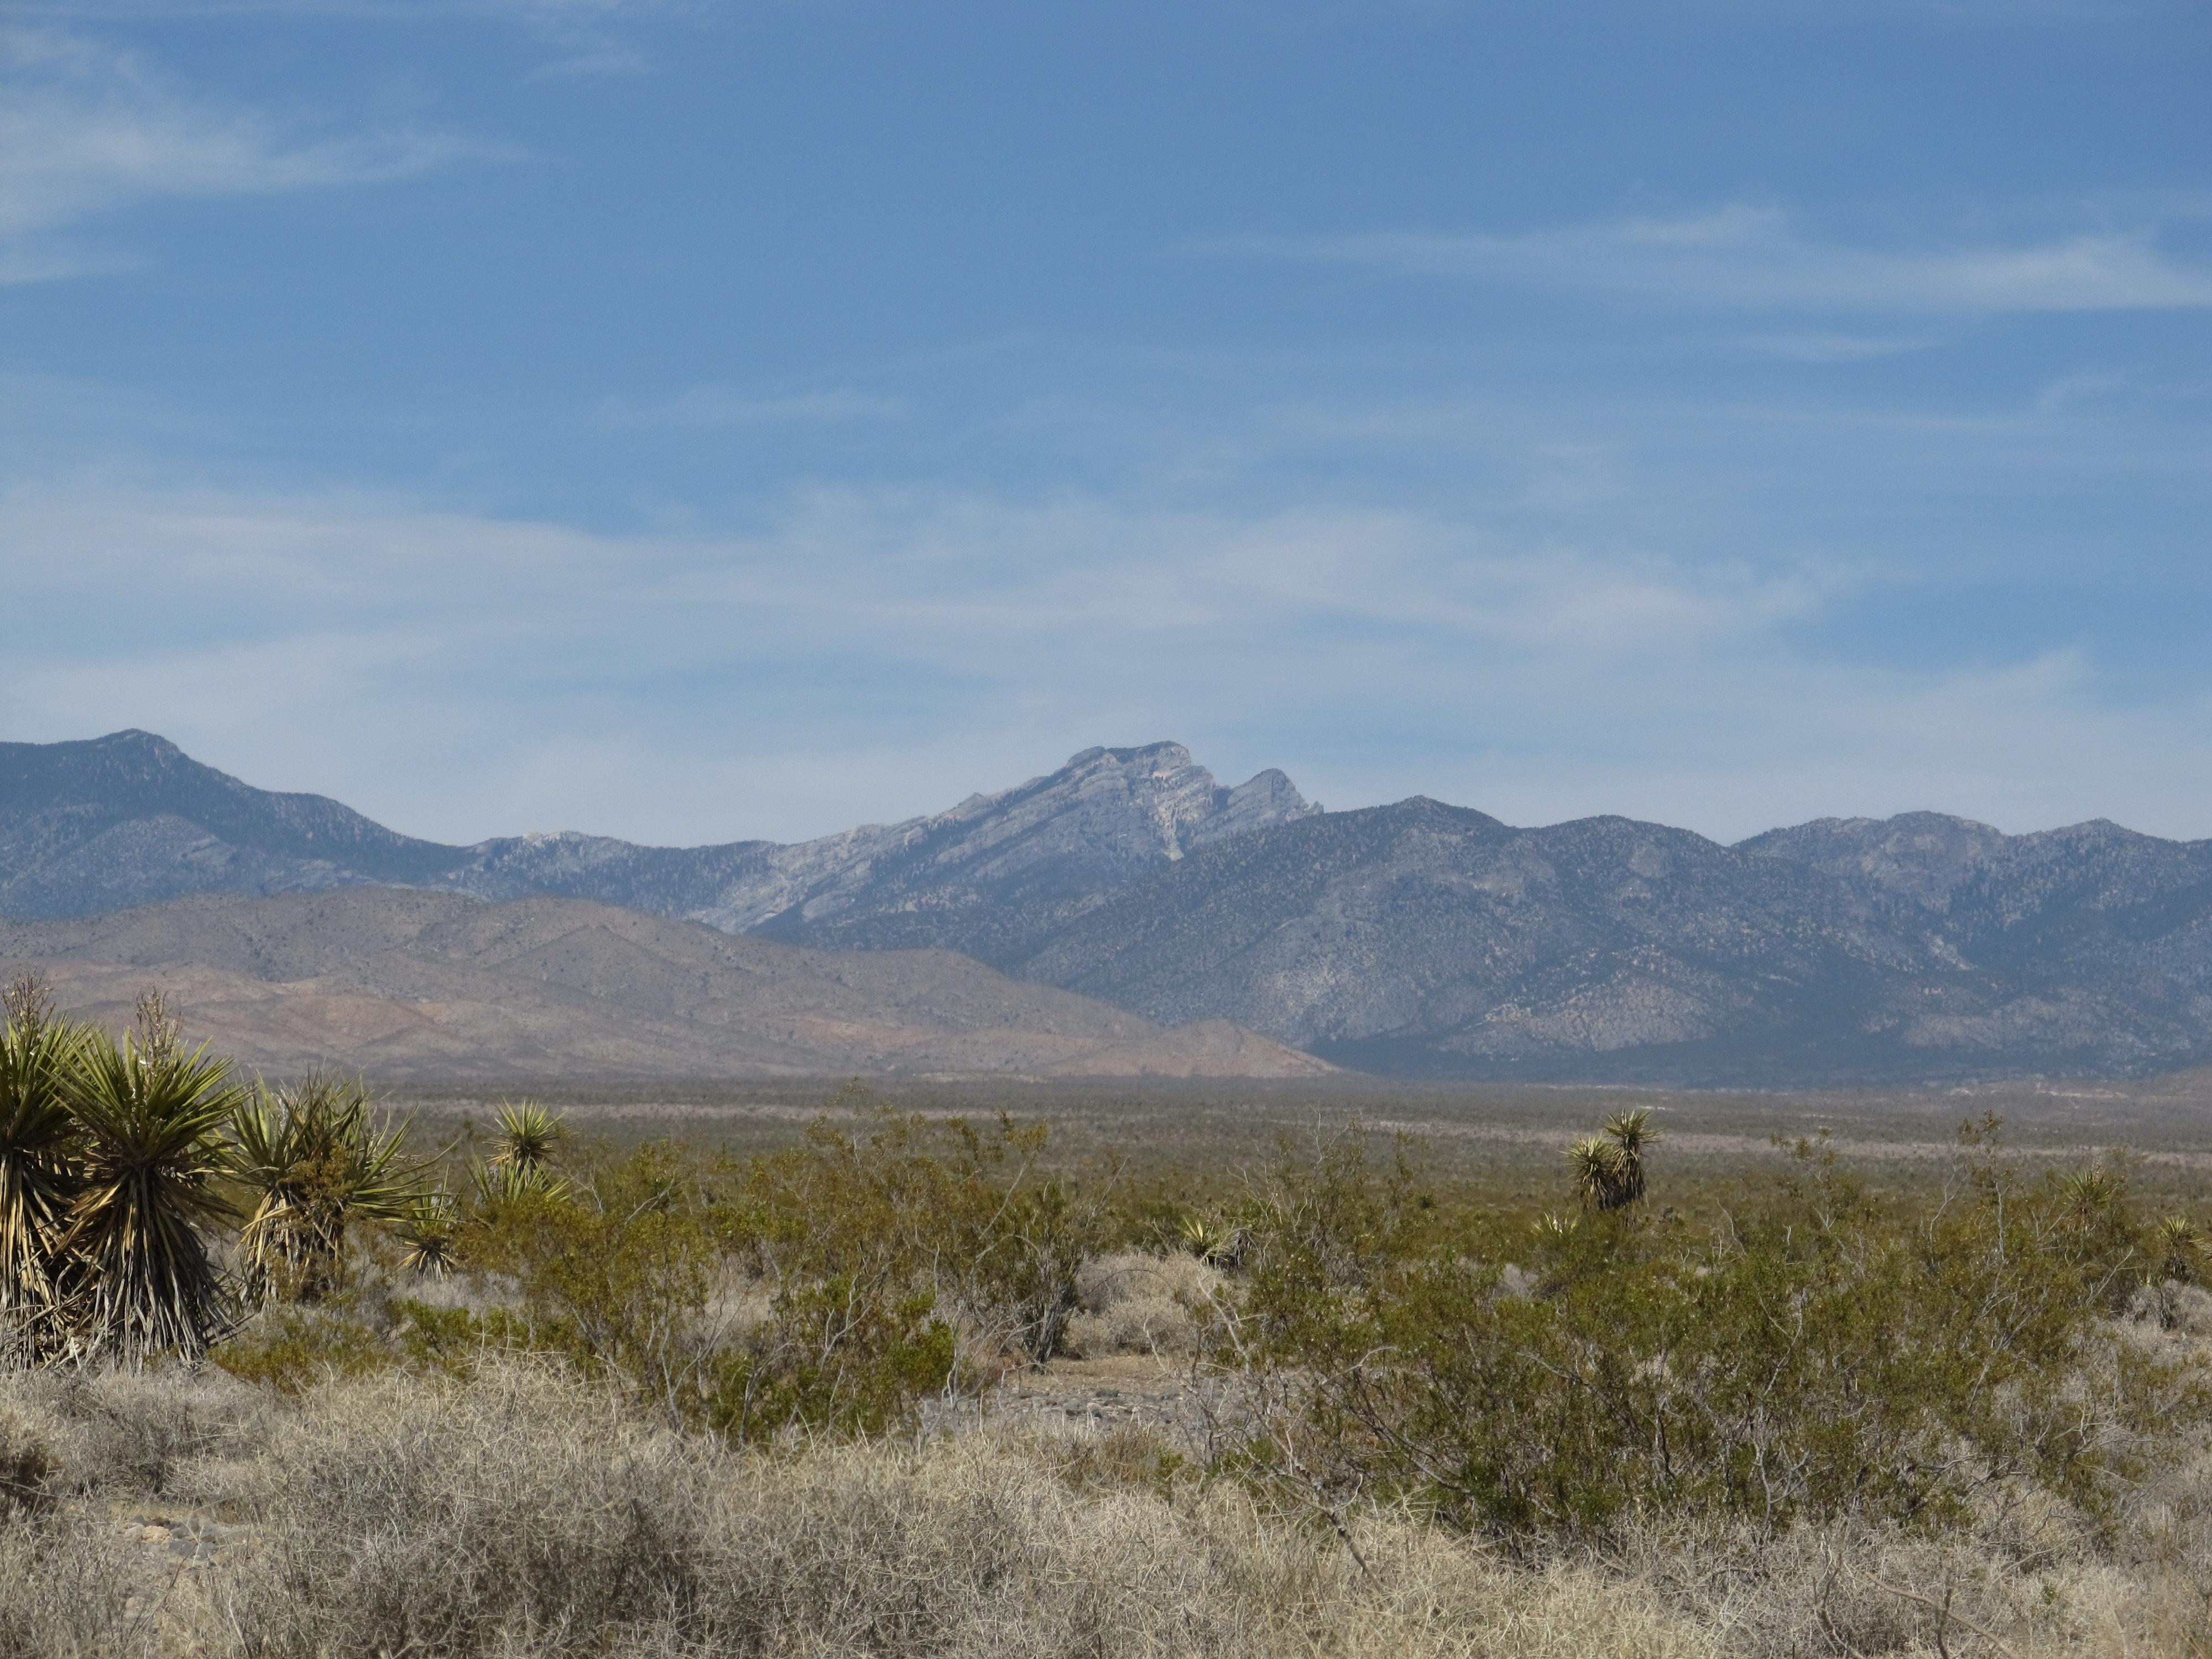 Pahrump To Las Vegas >> File:View of Spring Mountains, Pahrump, Nevada (9368635196).jpg - Wikimedia Commons